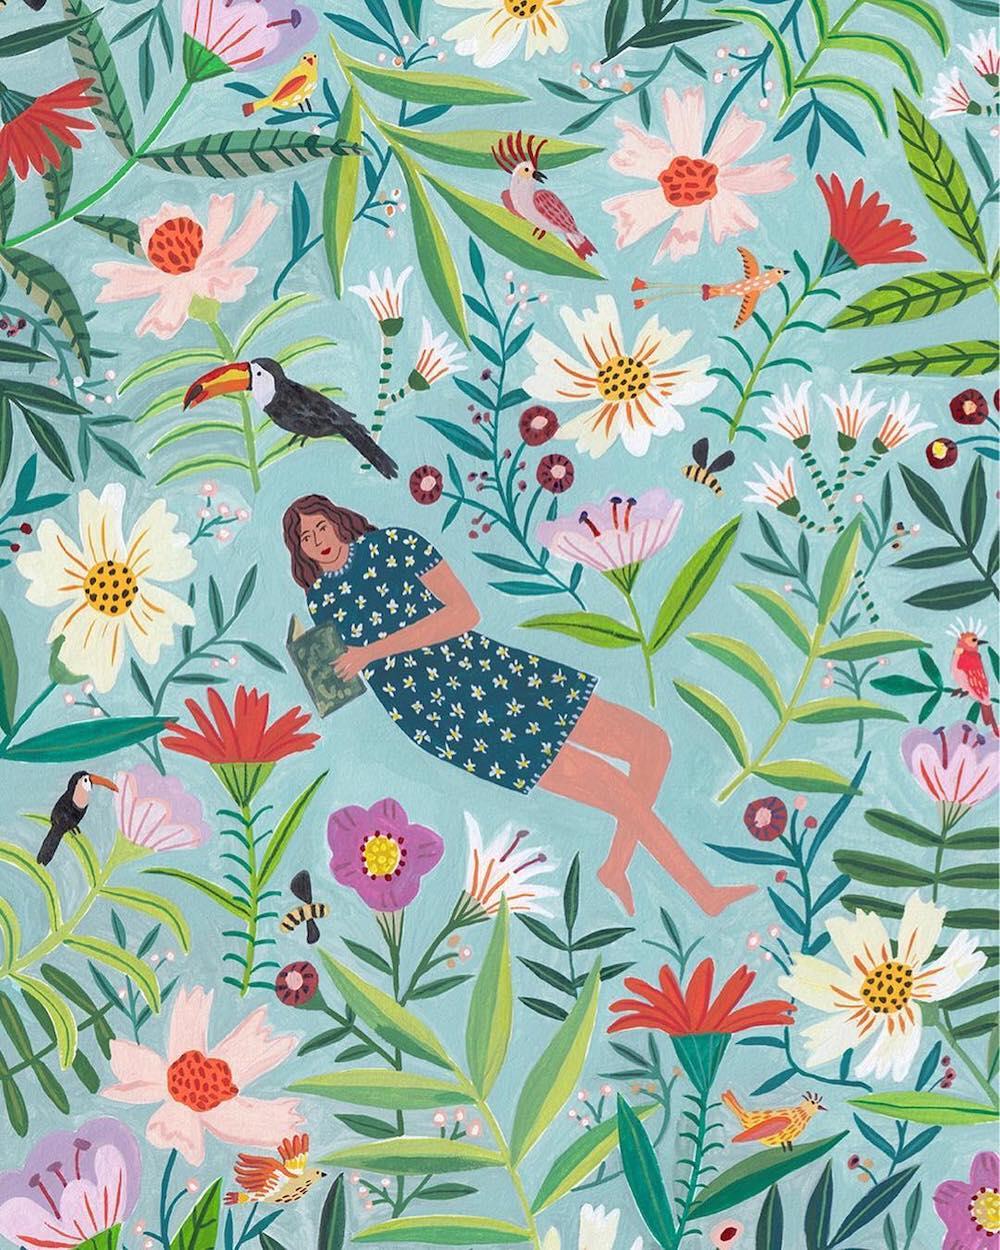 Cozy illustration by Miranda Sofroniou